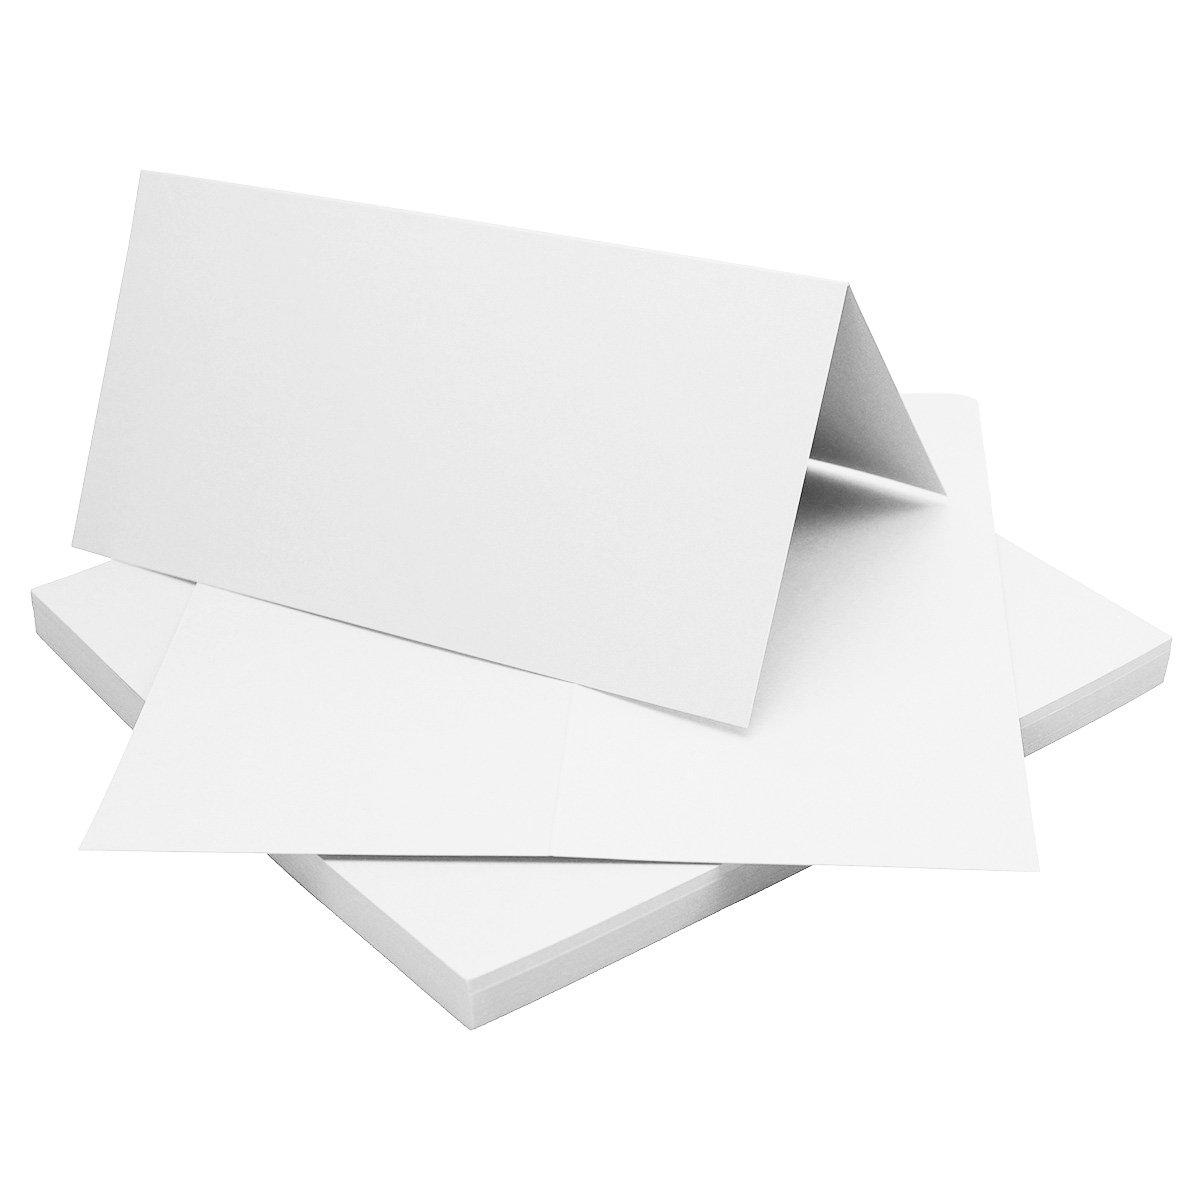 700 Faltkarten Din Lang Lang Lang - Hellgrau - Premium Qualität - 10,5 x 21 cm - Sehr formstabil - für Drucker Geeignet  - Qualitätsmarke  NEUSER FarbenFroh B07FKQQYSQ | Praktisch Und Wirtschaftlich  d8cd9b